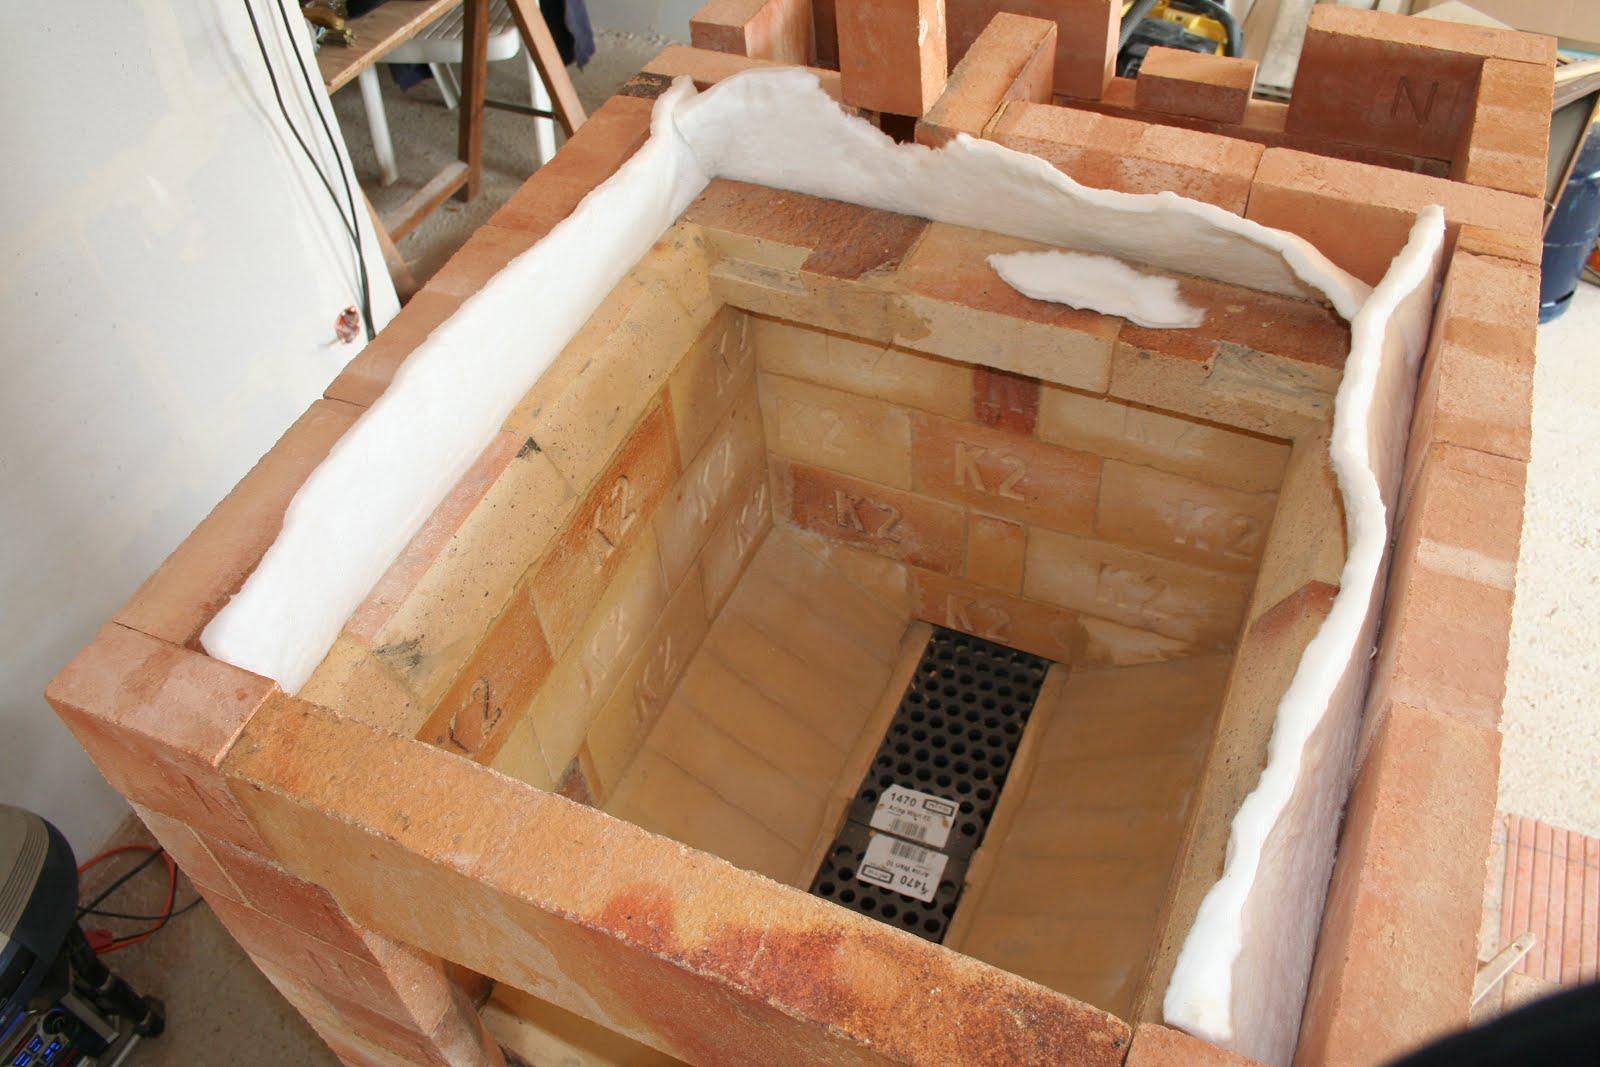 Artisan Poele De Masse construction d'un poêle de masse - cœur de foyer